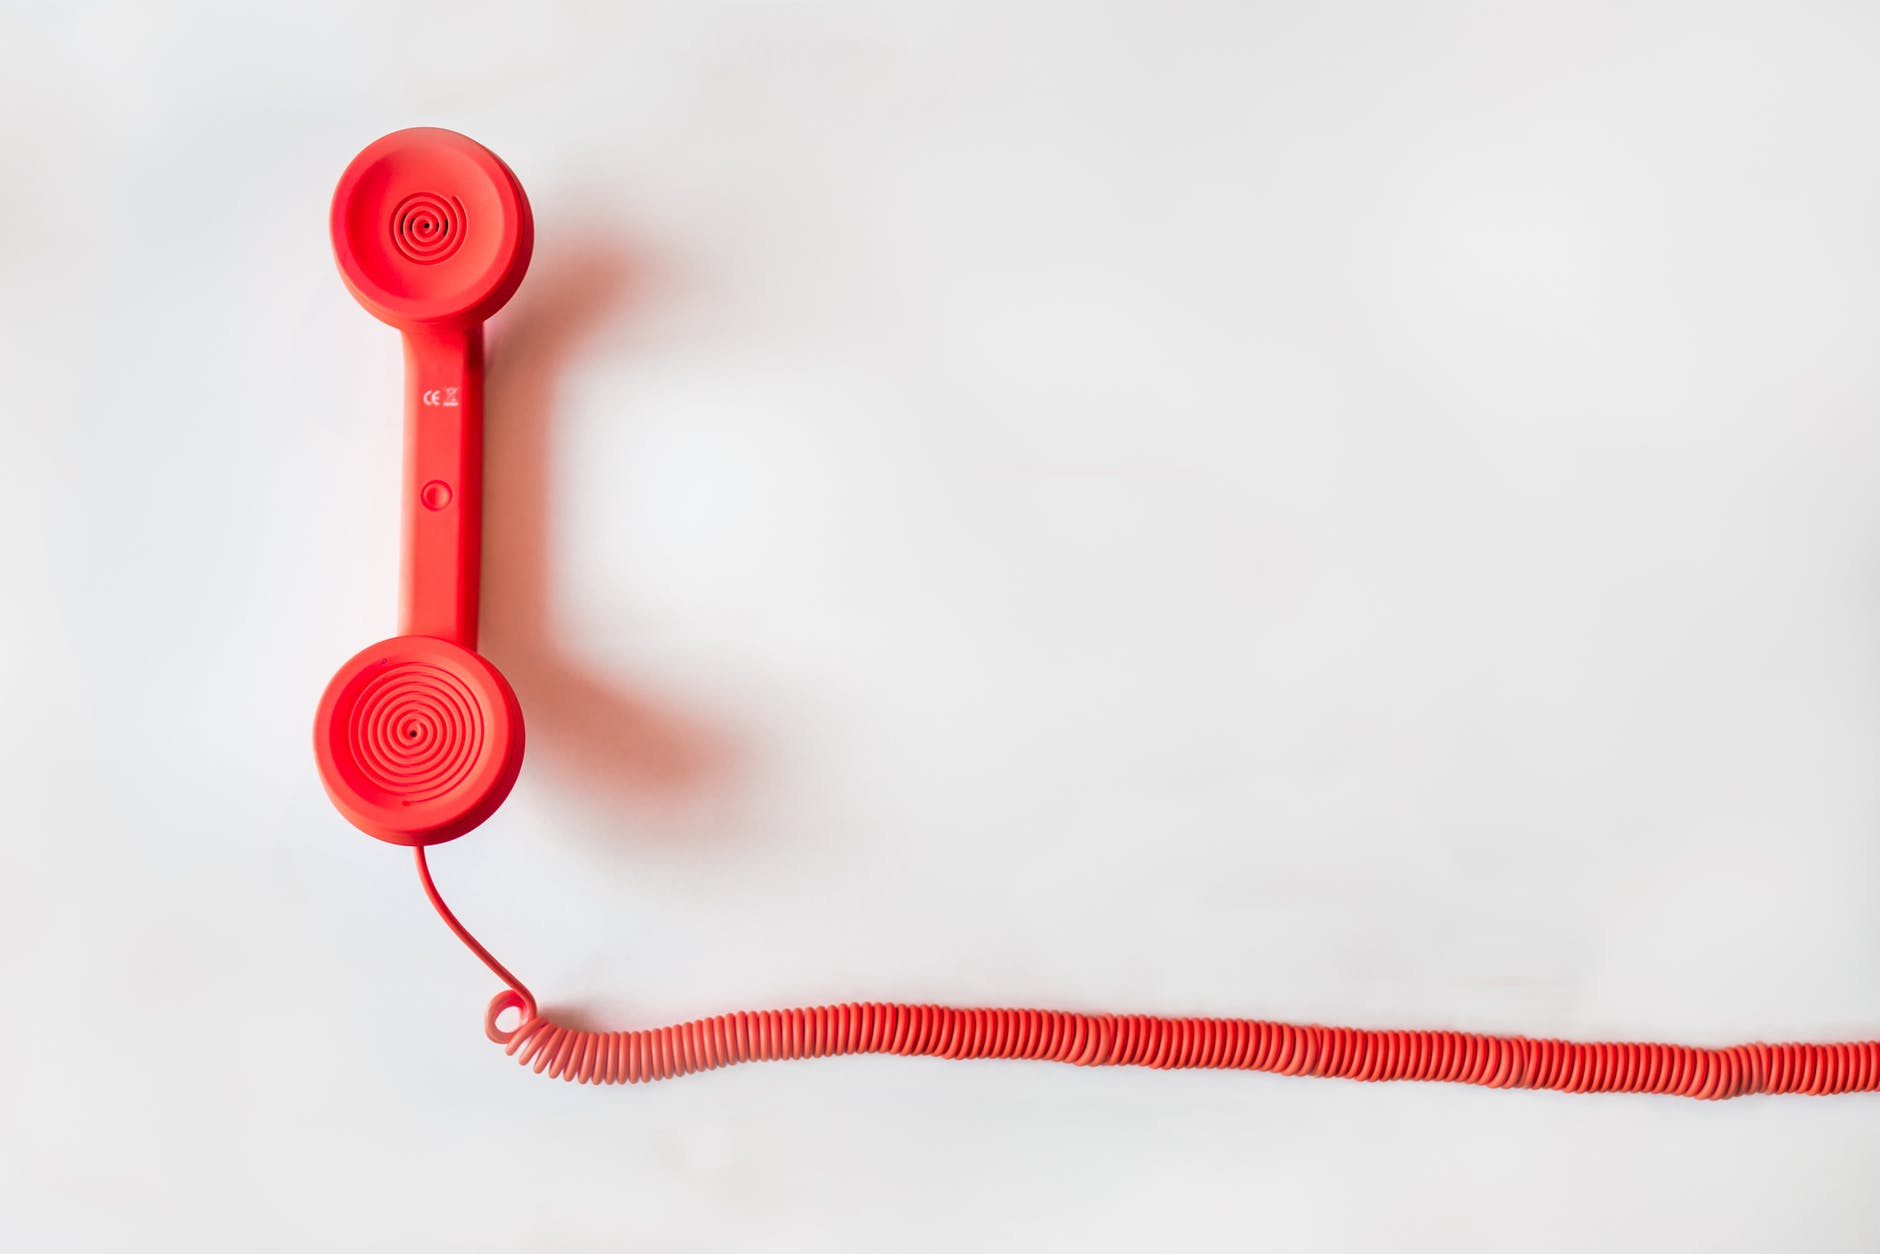 Phone speaker on white background.